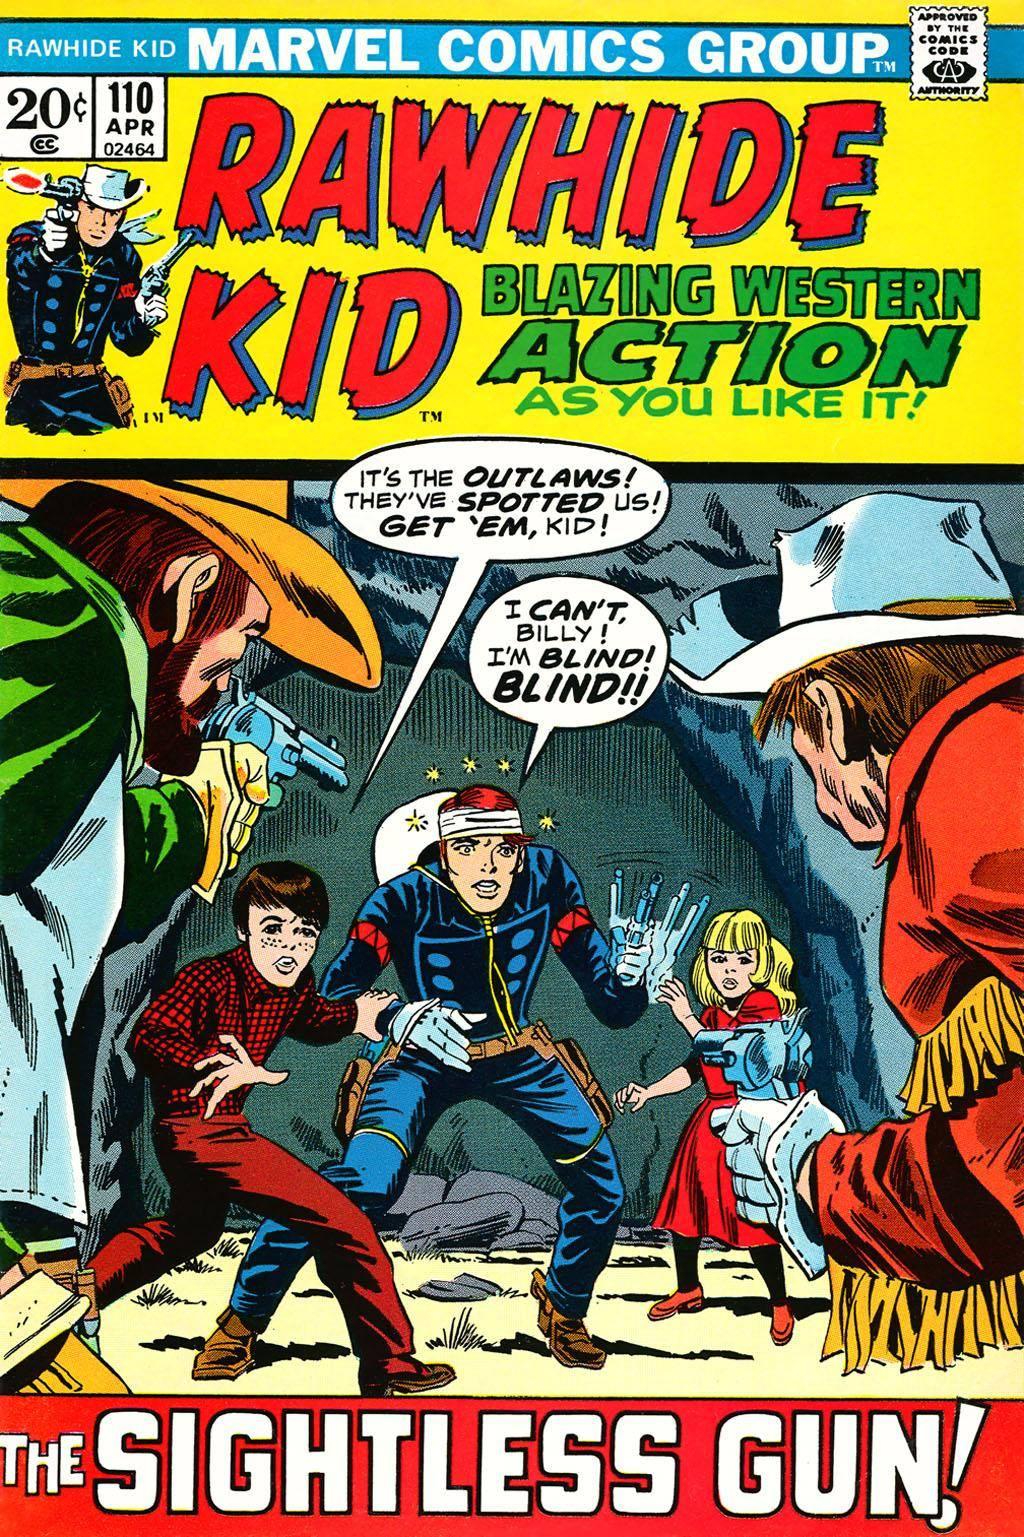 Rawhide Kid v1 110 1973 brigus